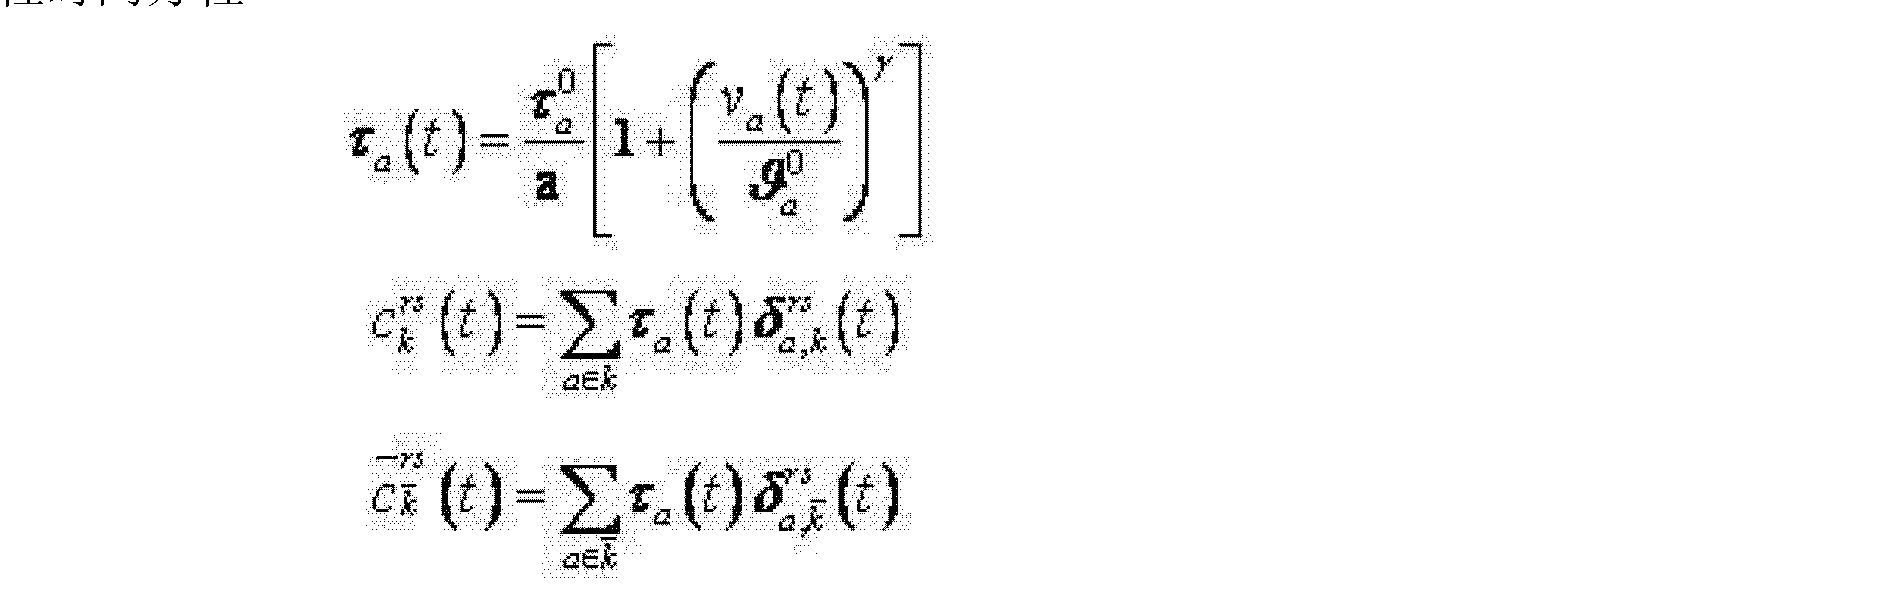 Figure CN102842097AC00044